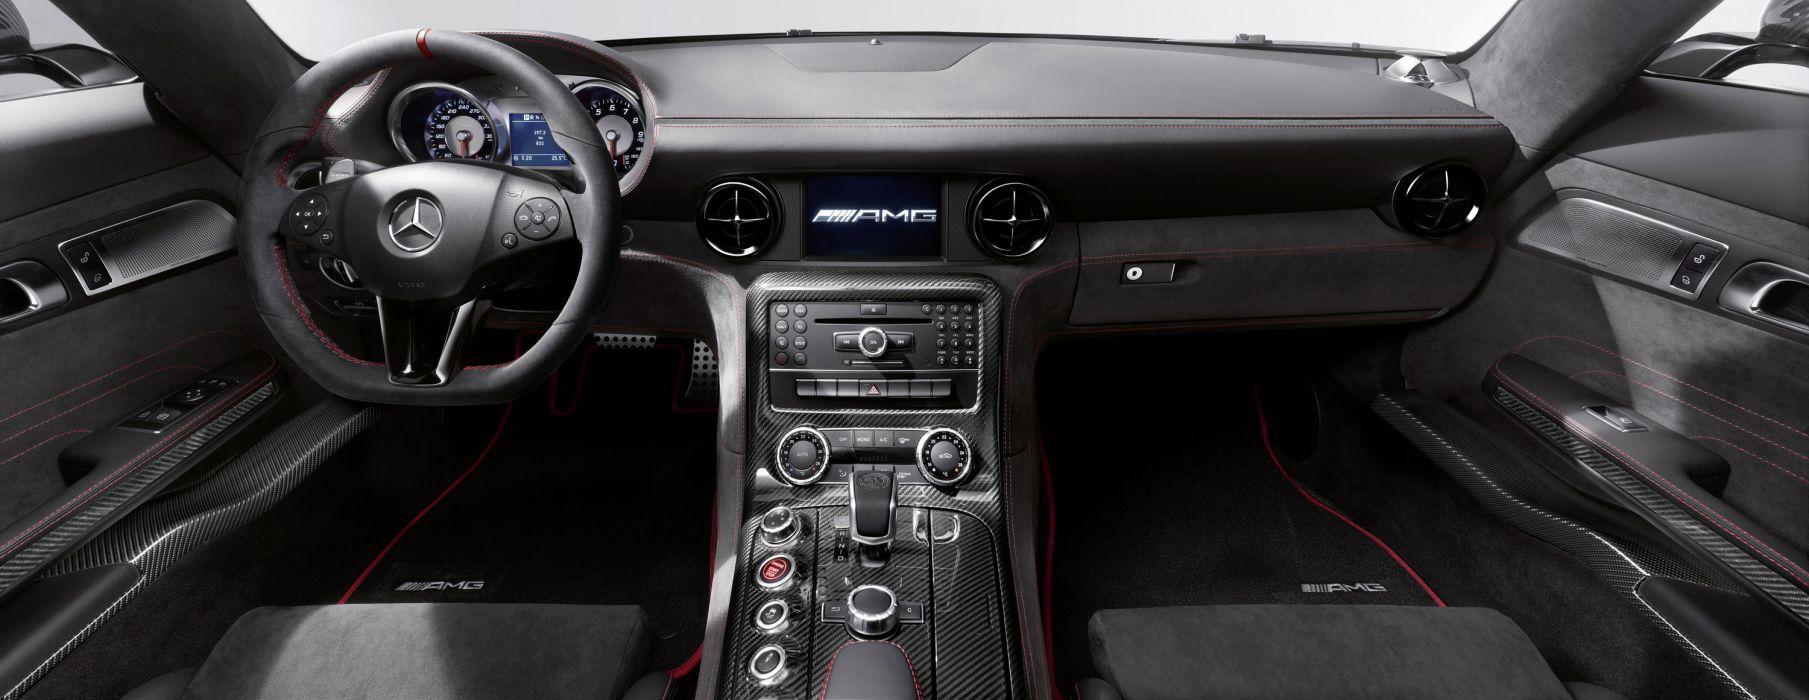 2014 Mercedes-Benz SLS AMG Coupe Black Series  wallpaper